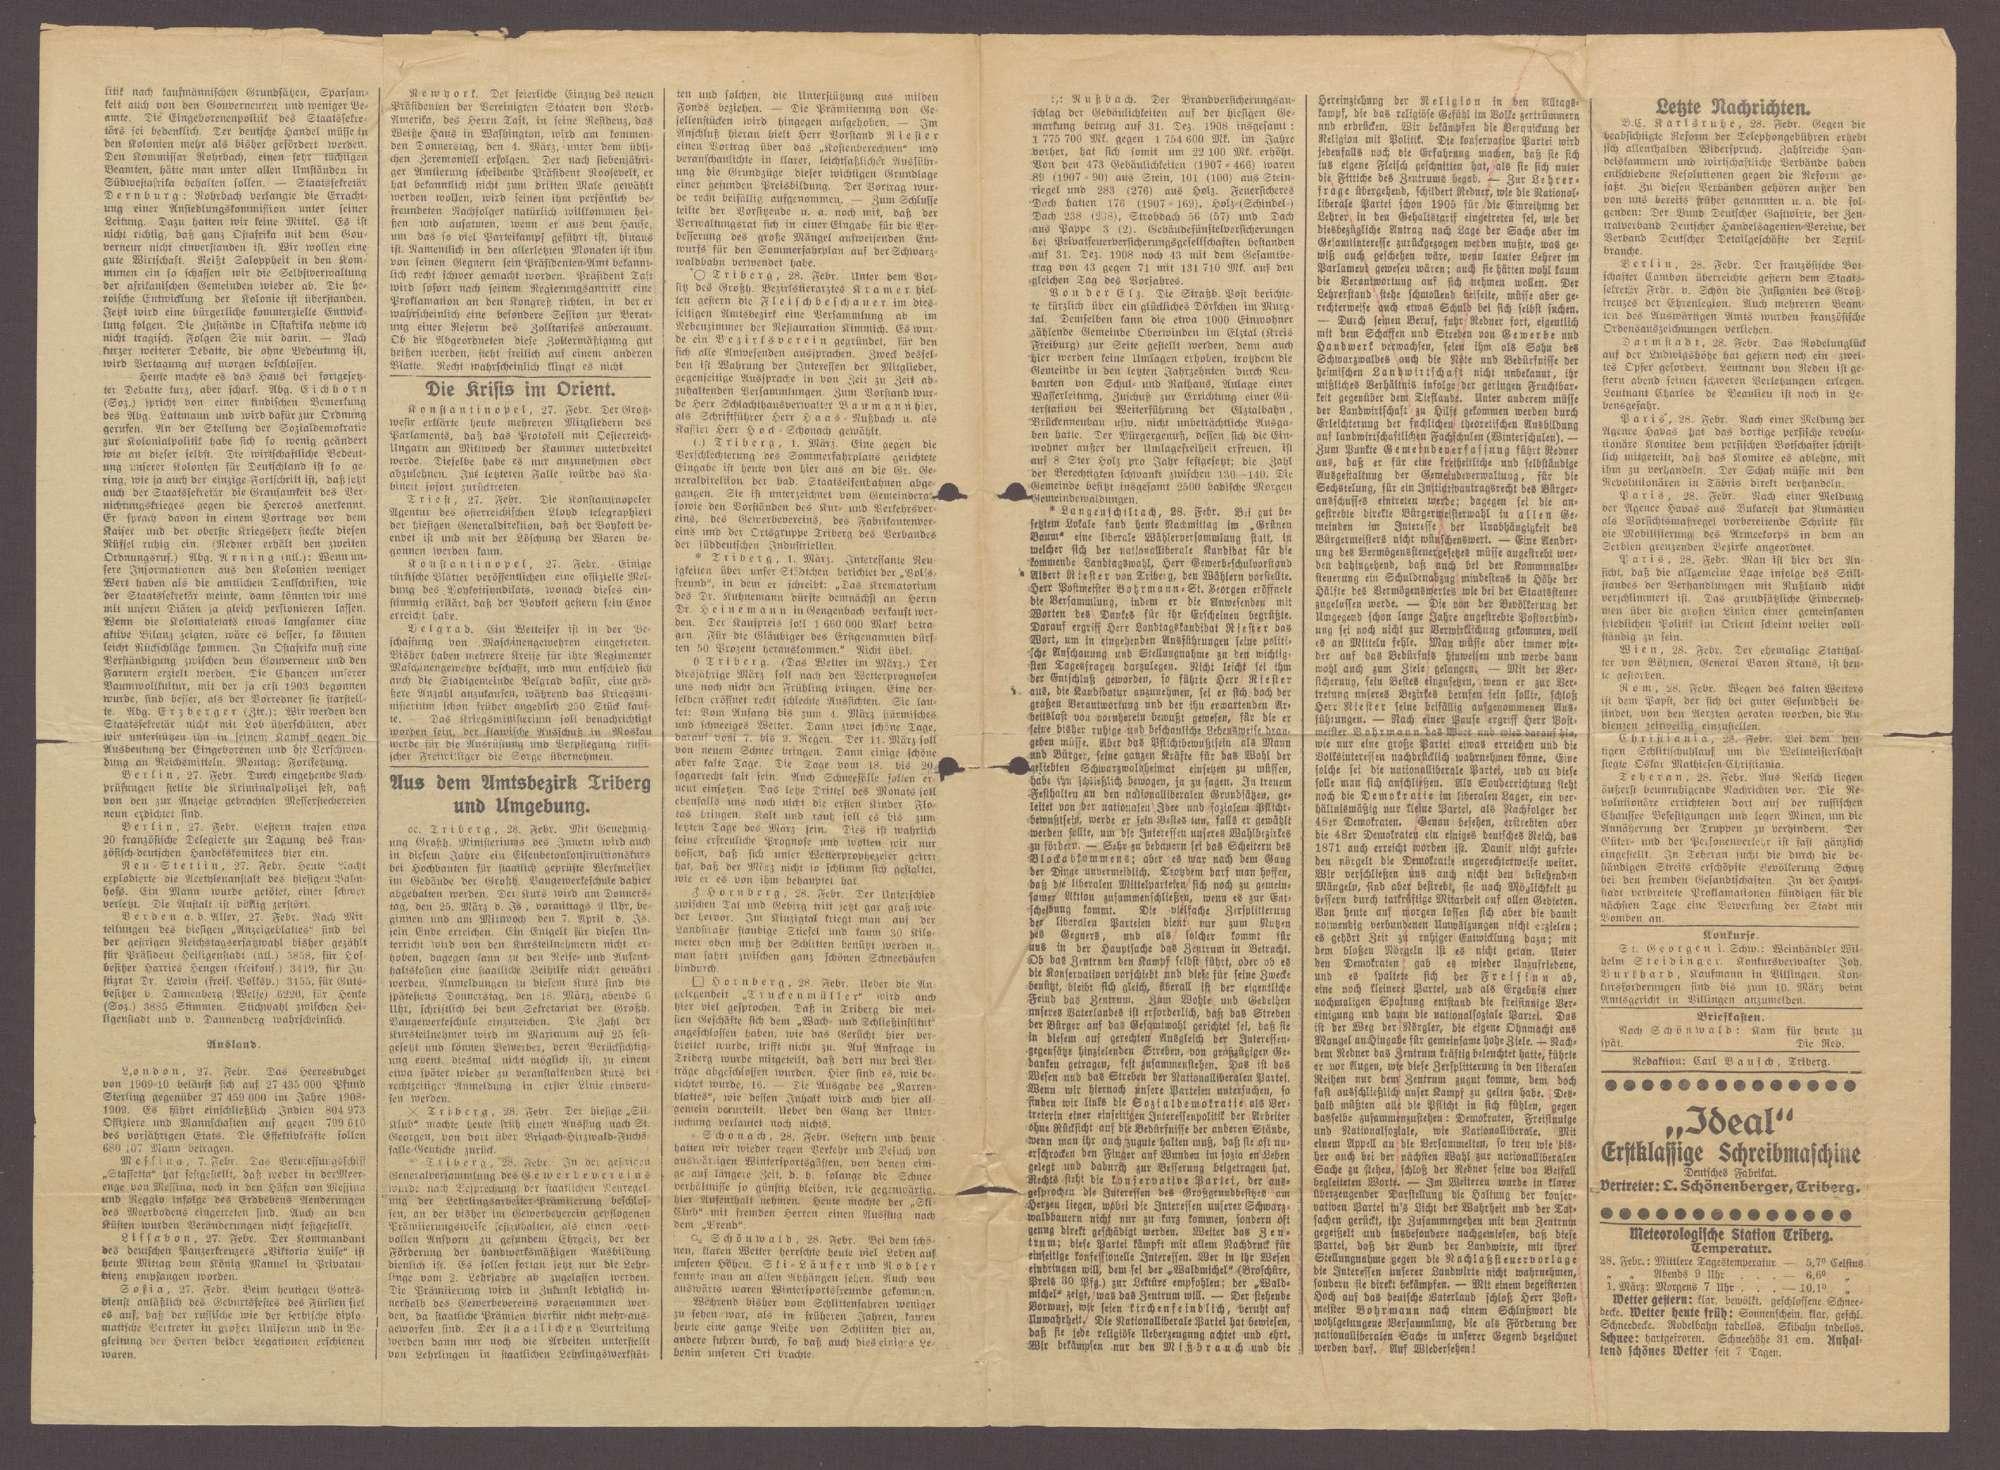 Echo vom Wald - Triberger Zeitung Nr. 47 vom 1.3.1909, Bild 2